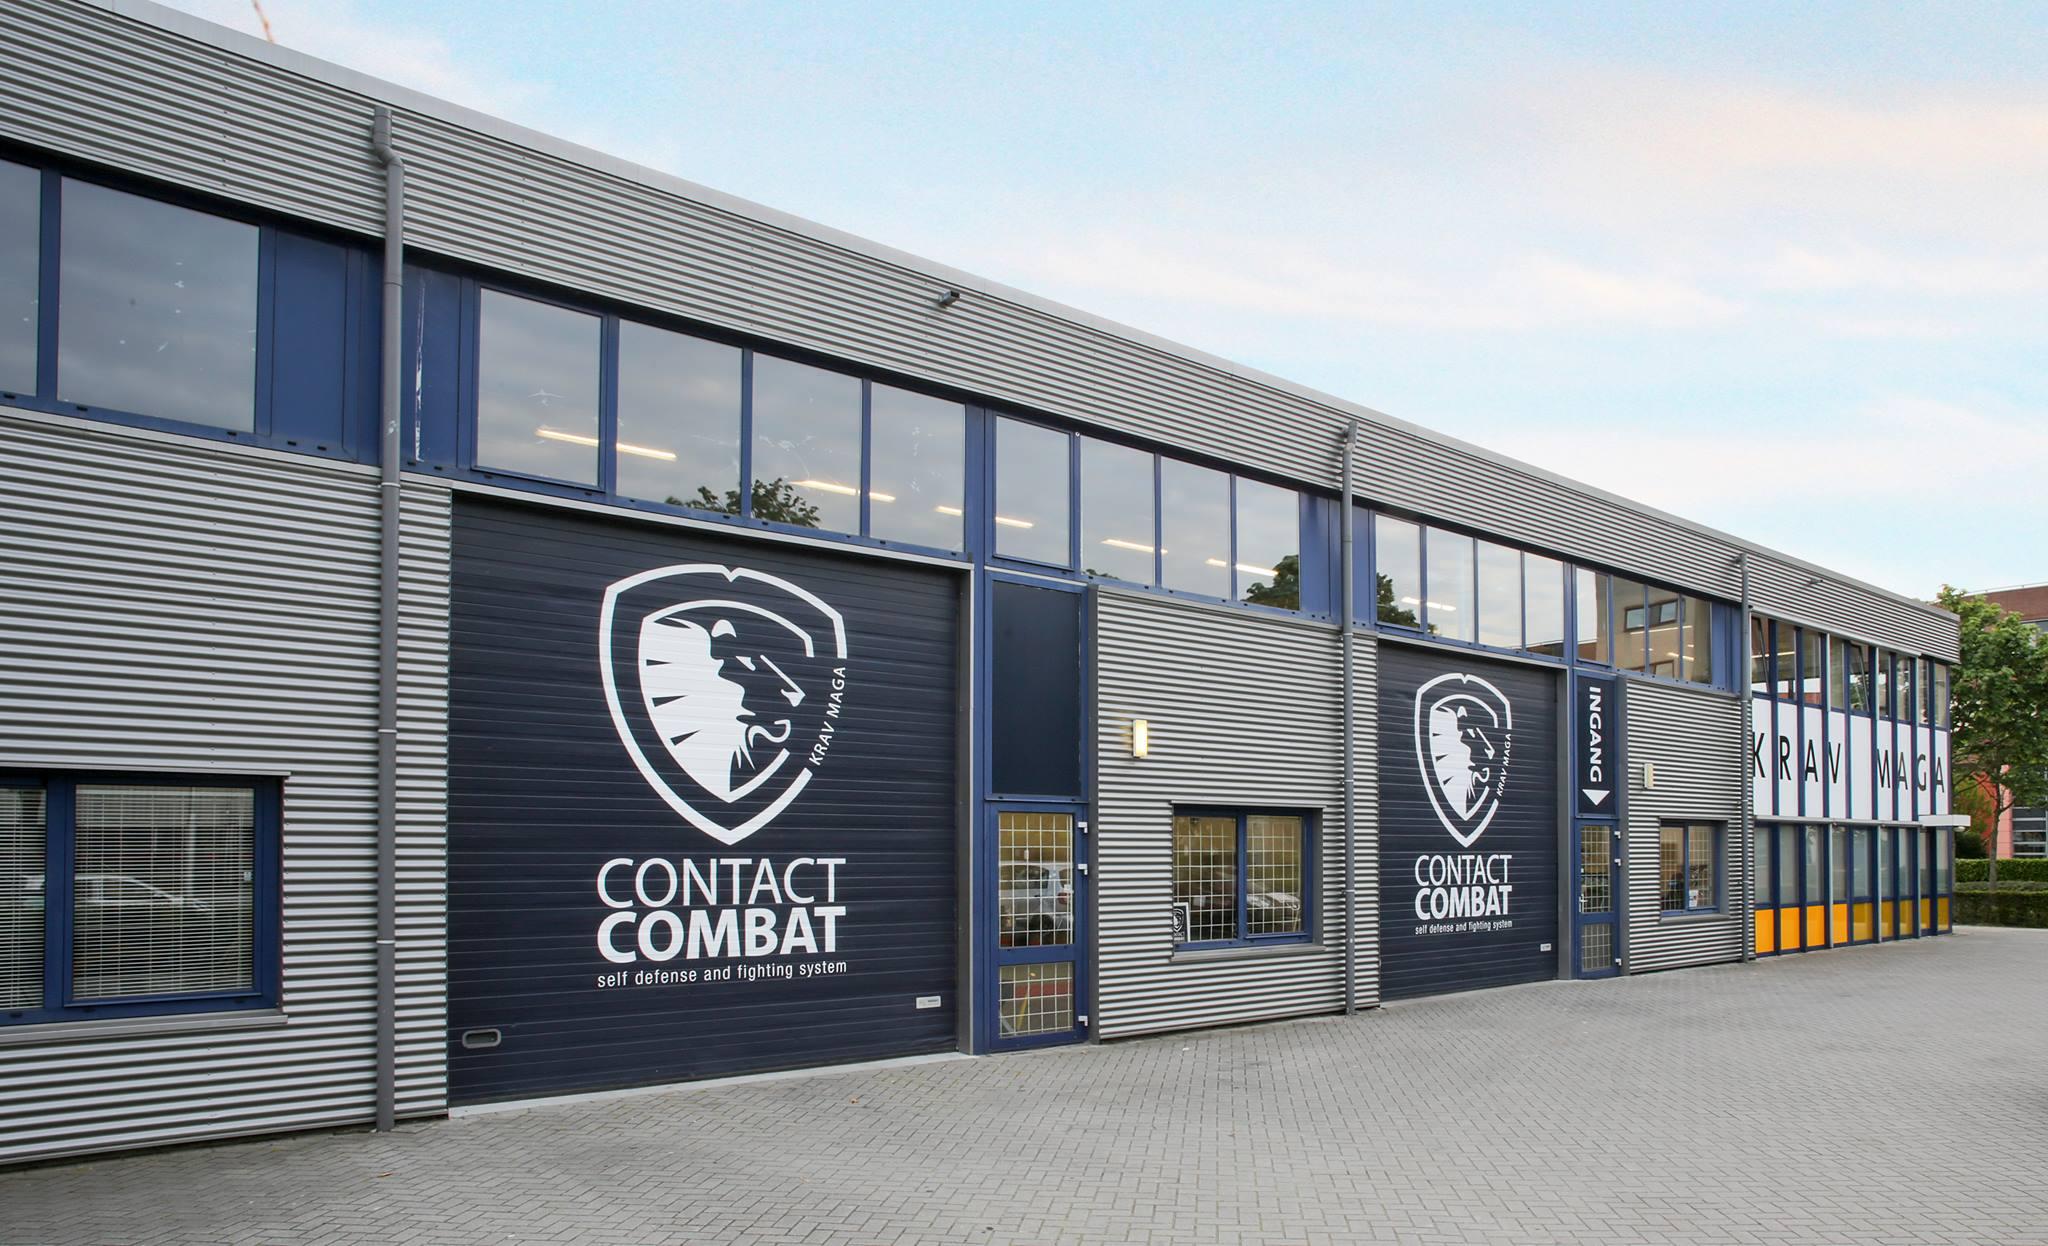 Algemene voorwaarden | Bij Contact Combat hanteren we op alle locaties deze huisregels.